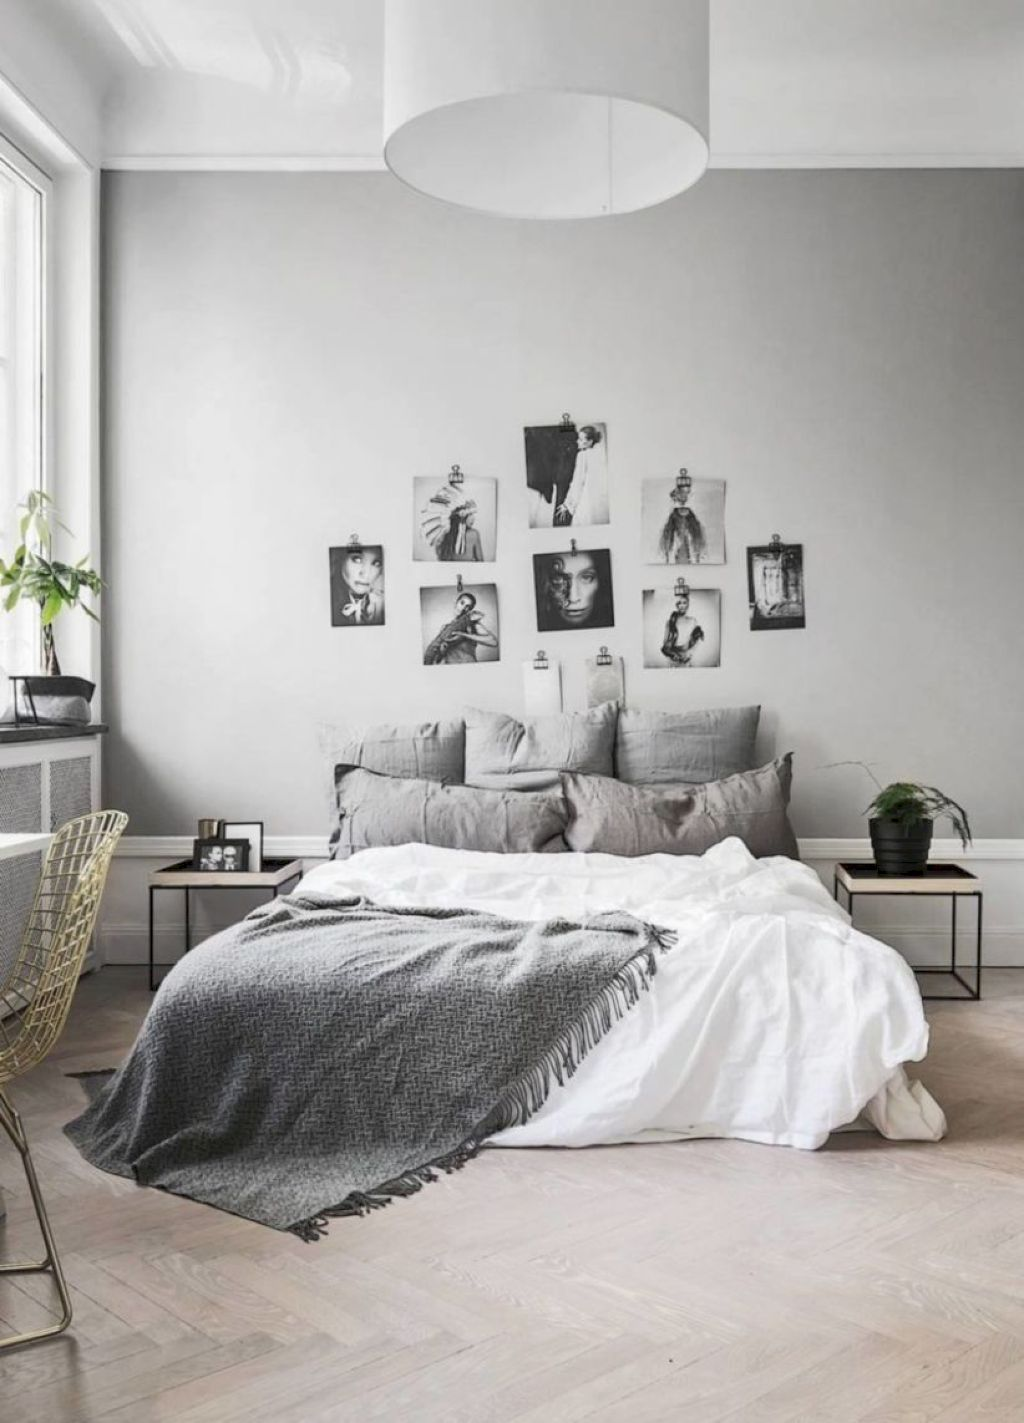 91 Beautiful Comfy Bedroom Decorating Ideas | Minimalist ... on Comfy Bedroom Ideas  id=94933